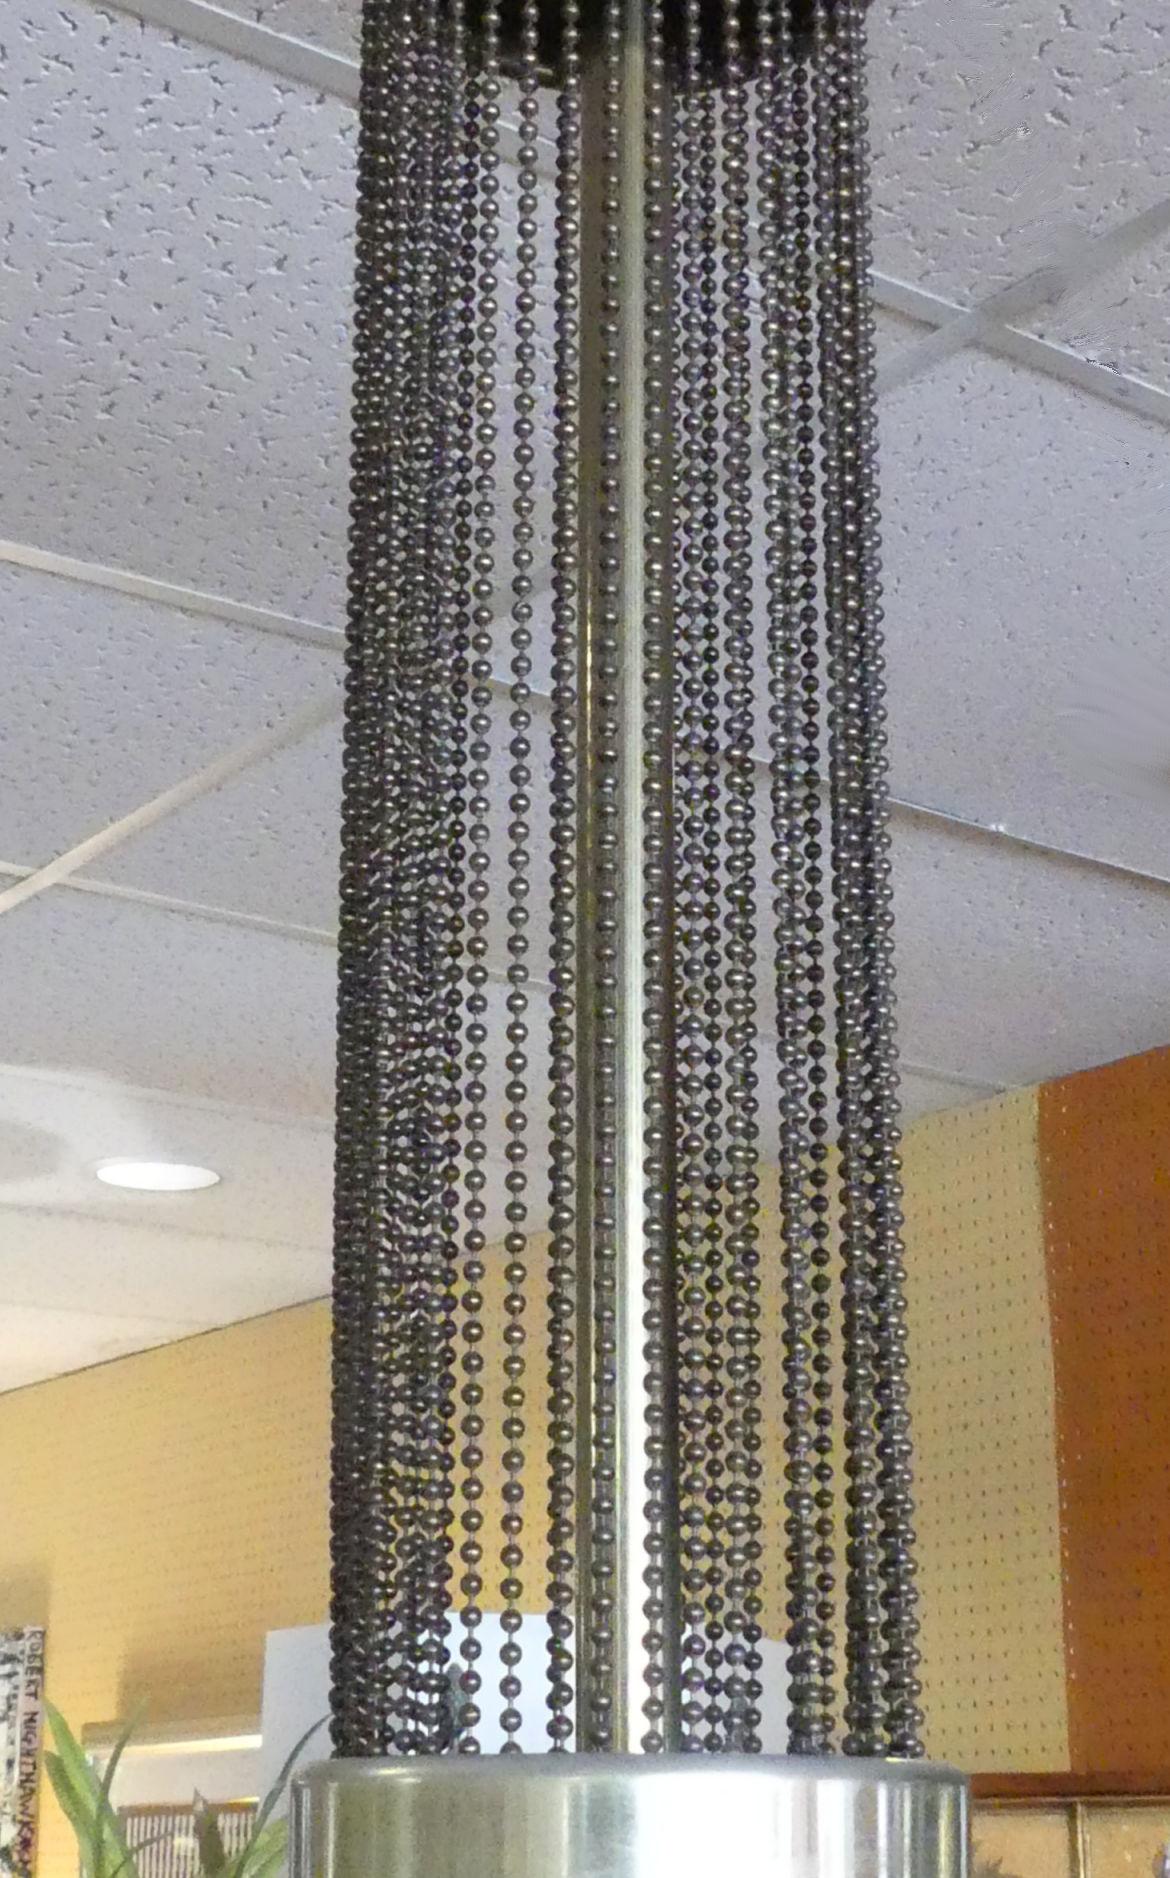 pierre-cardin-french-brass-bead-chandelier-pendant-light 05.jpg